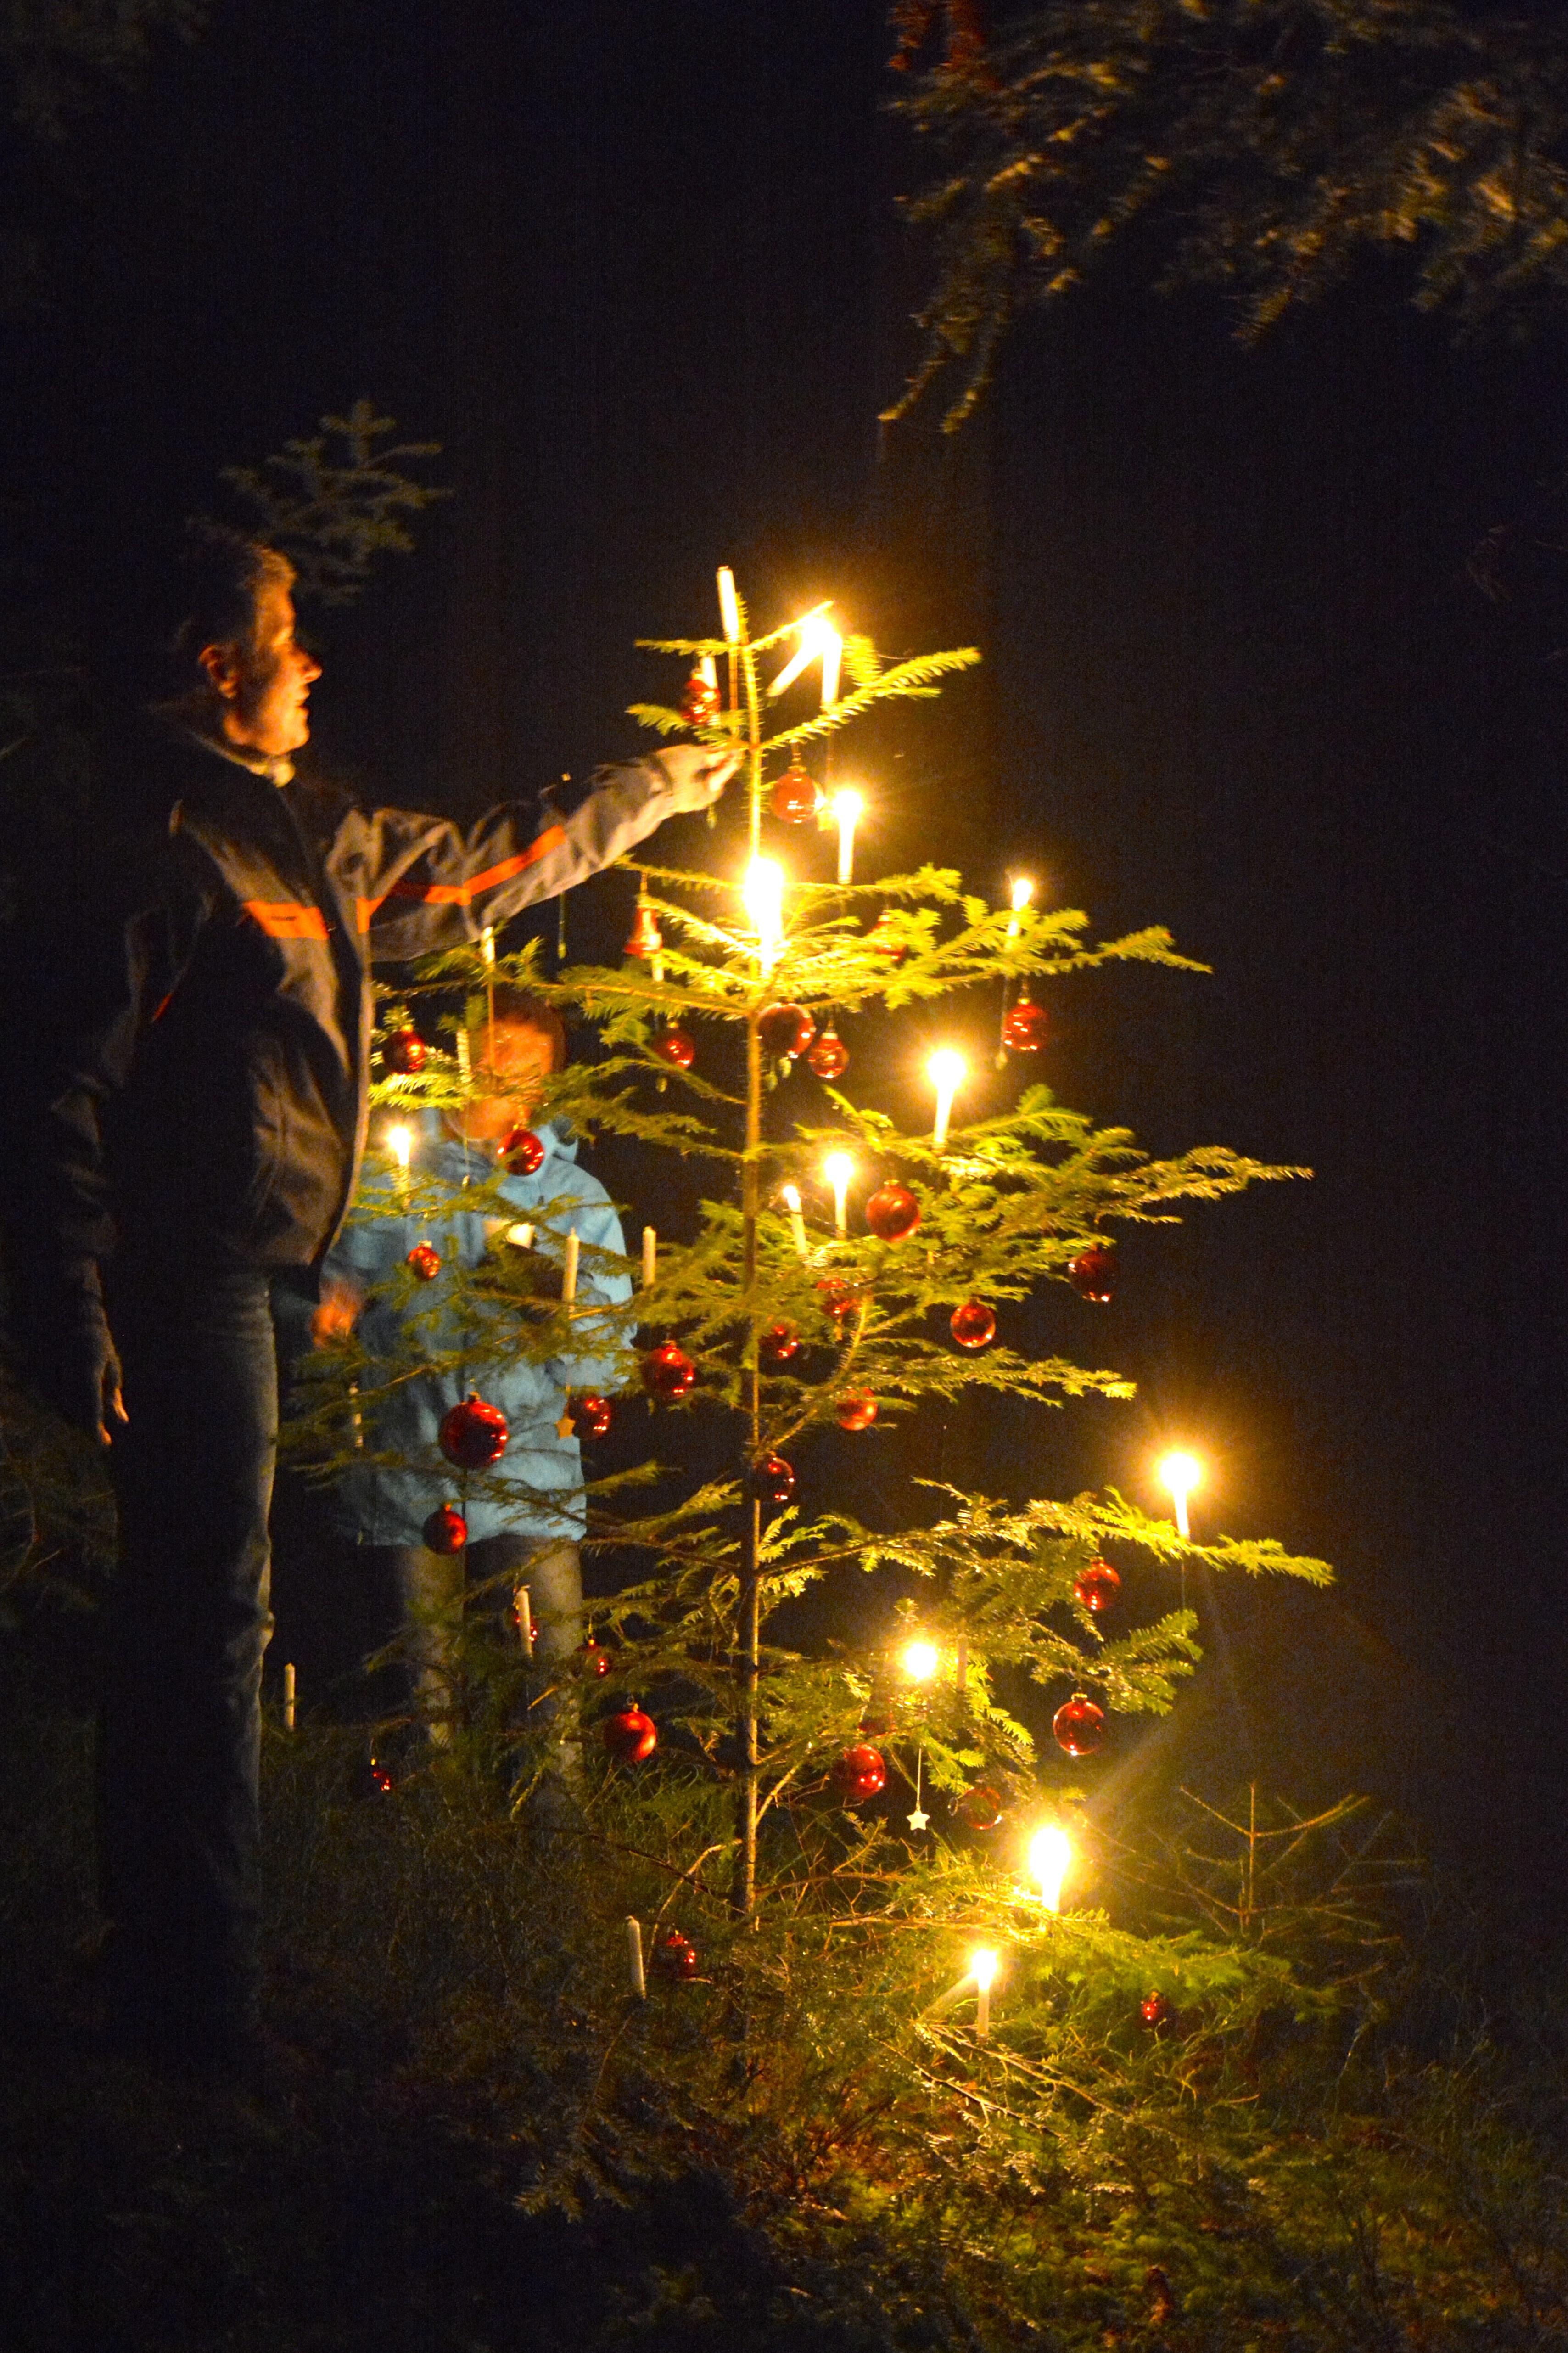 Verein - Waldweihnachten 2014